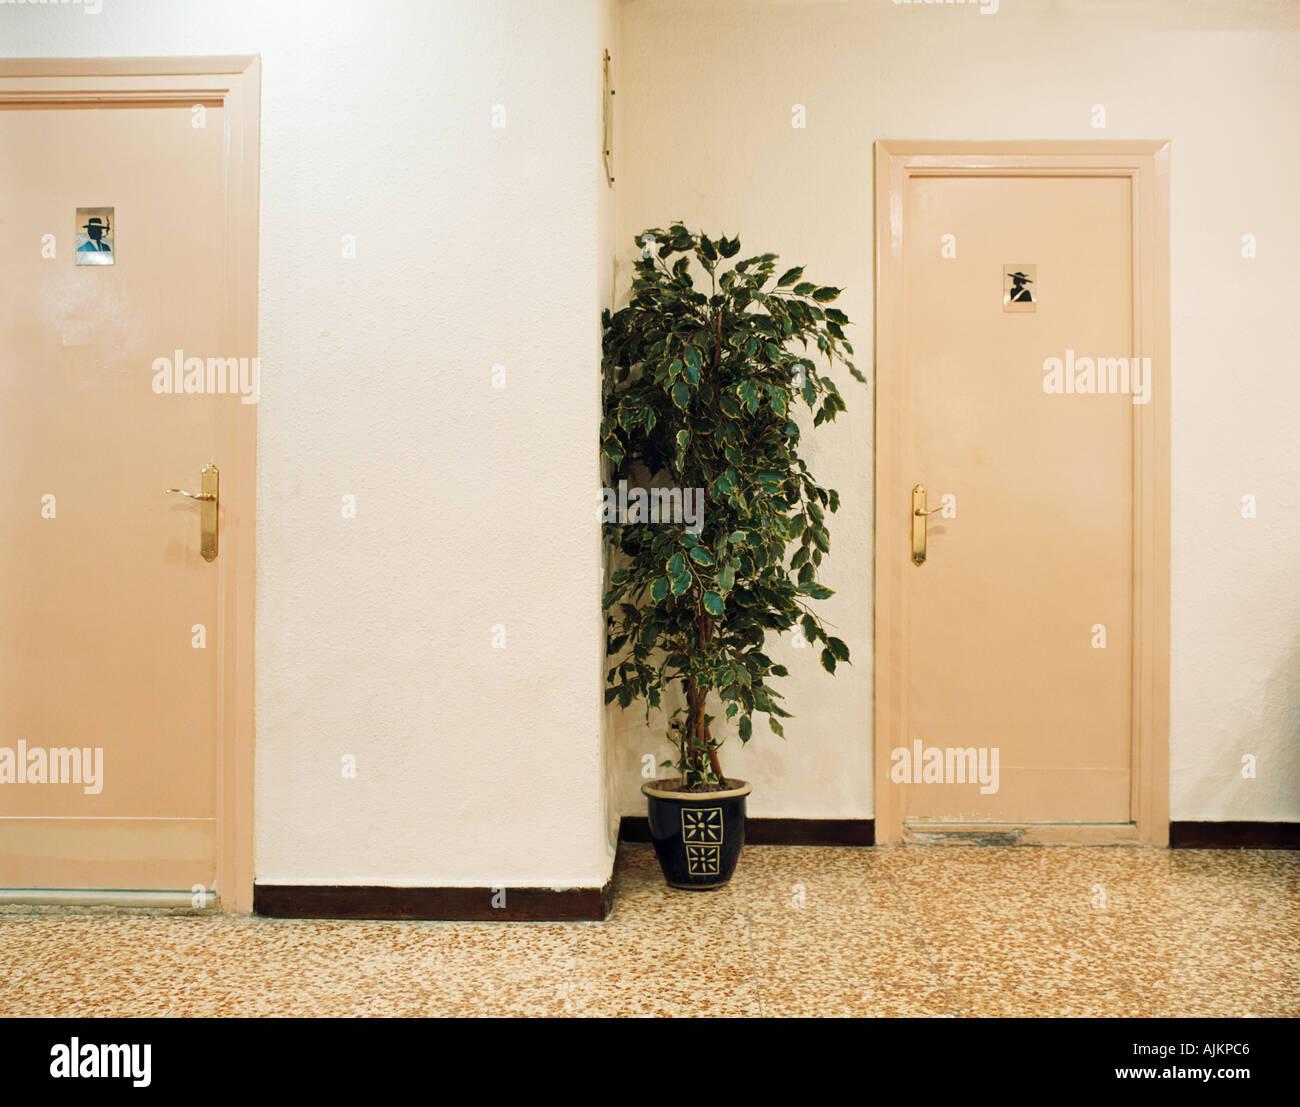 Onorevoli mens servizi igienici Immagini Stock